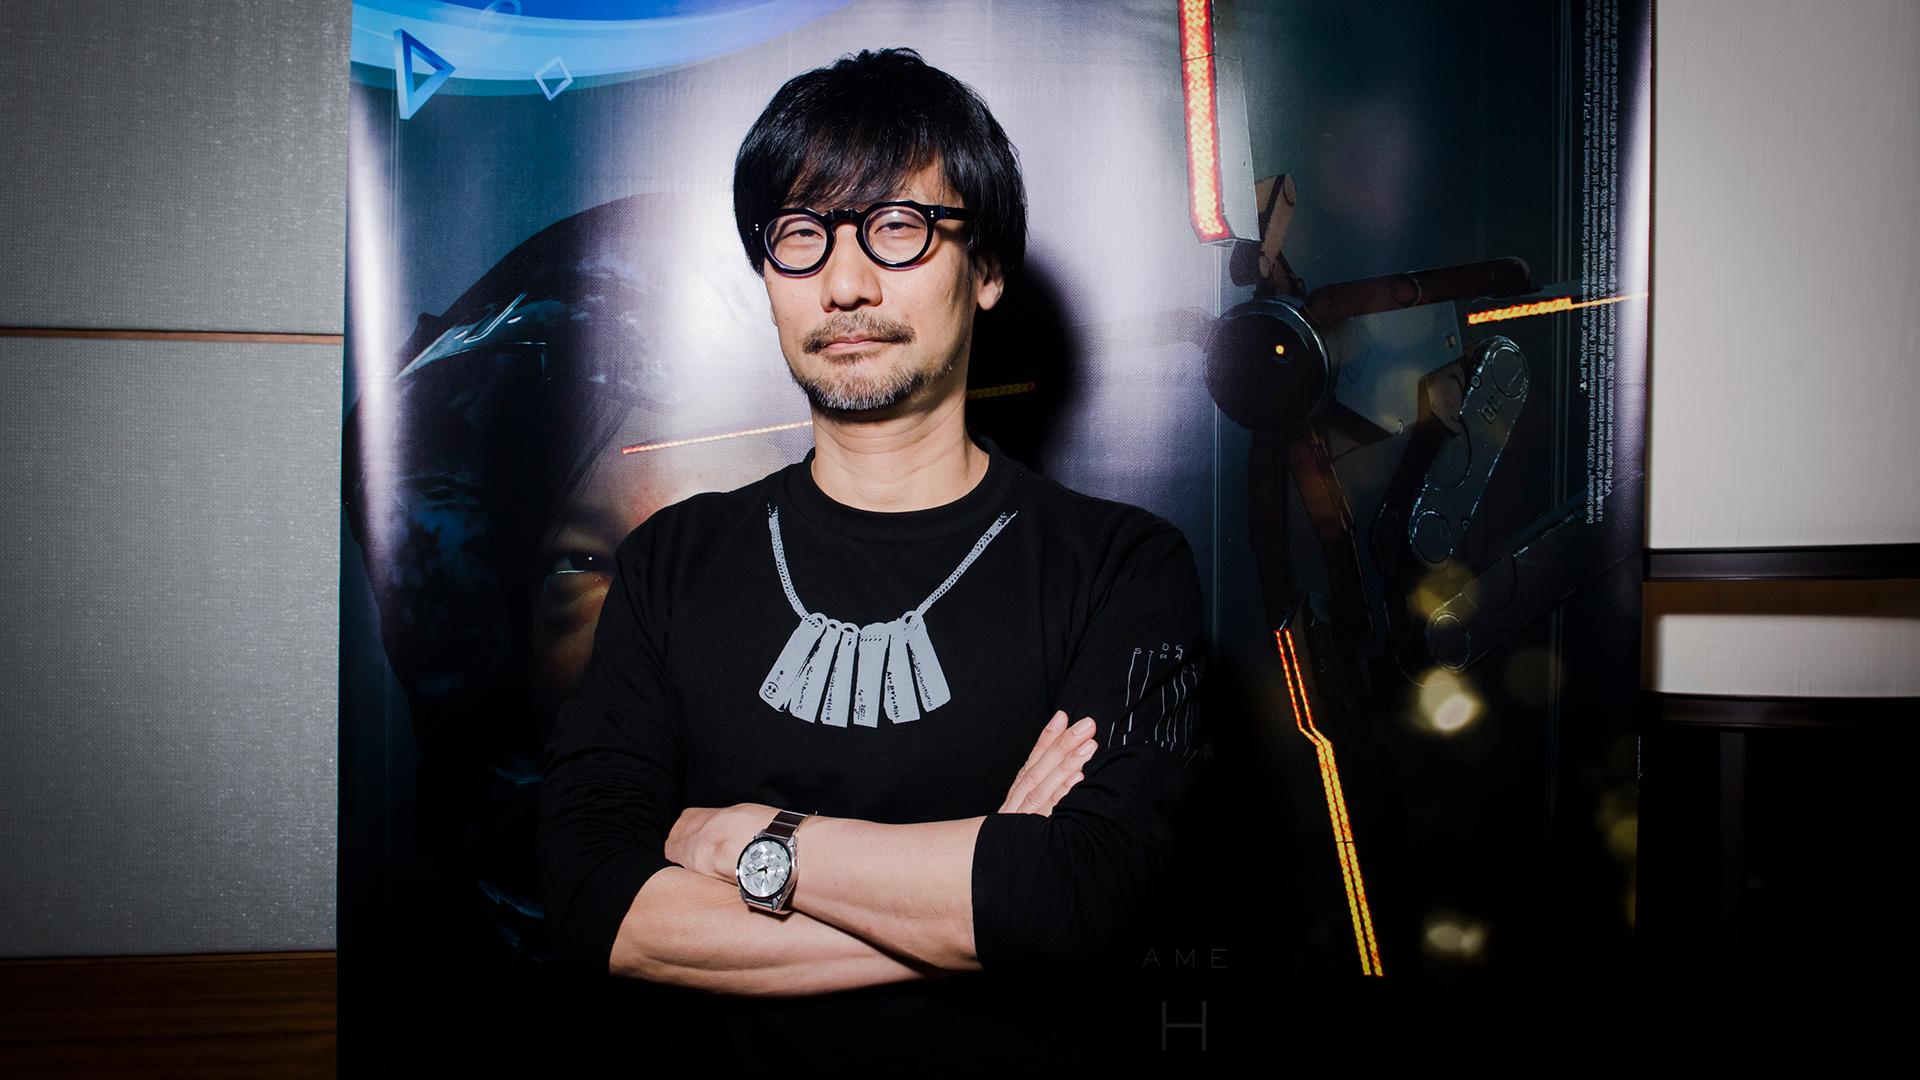 У Хидео Кодзимы не срослось с неким крупным проектом